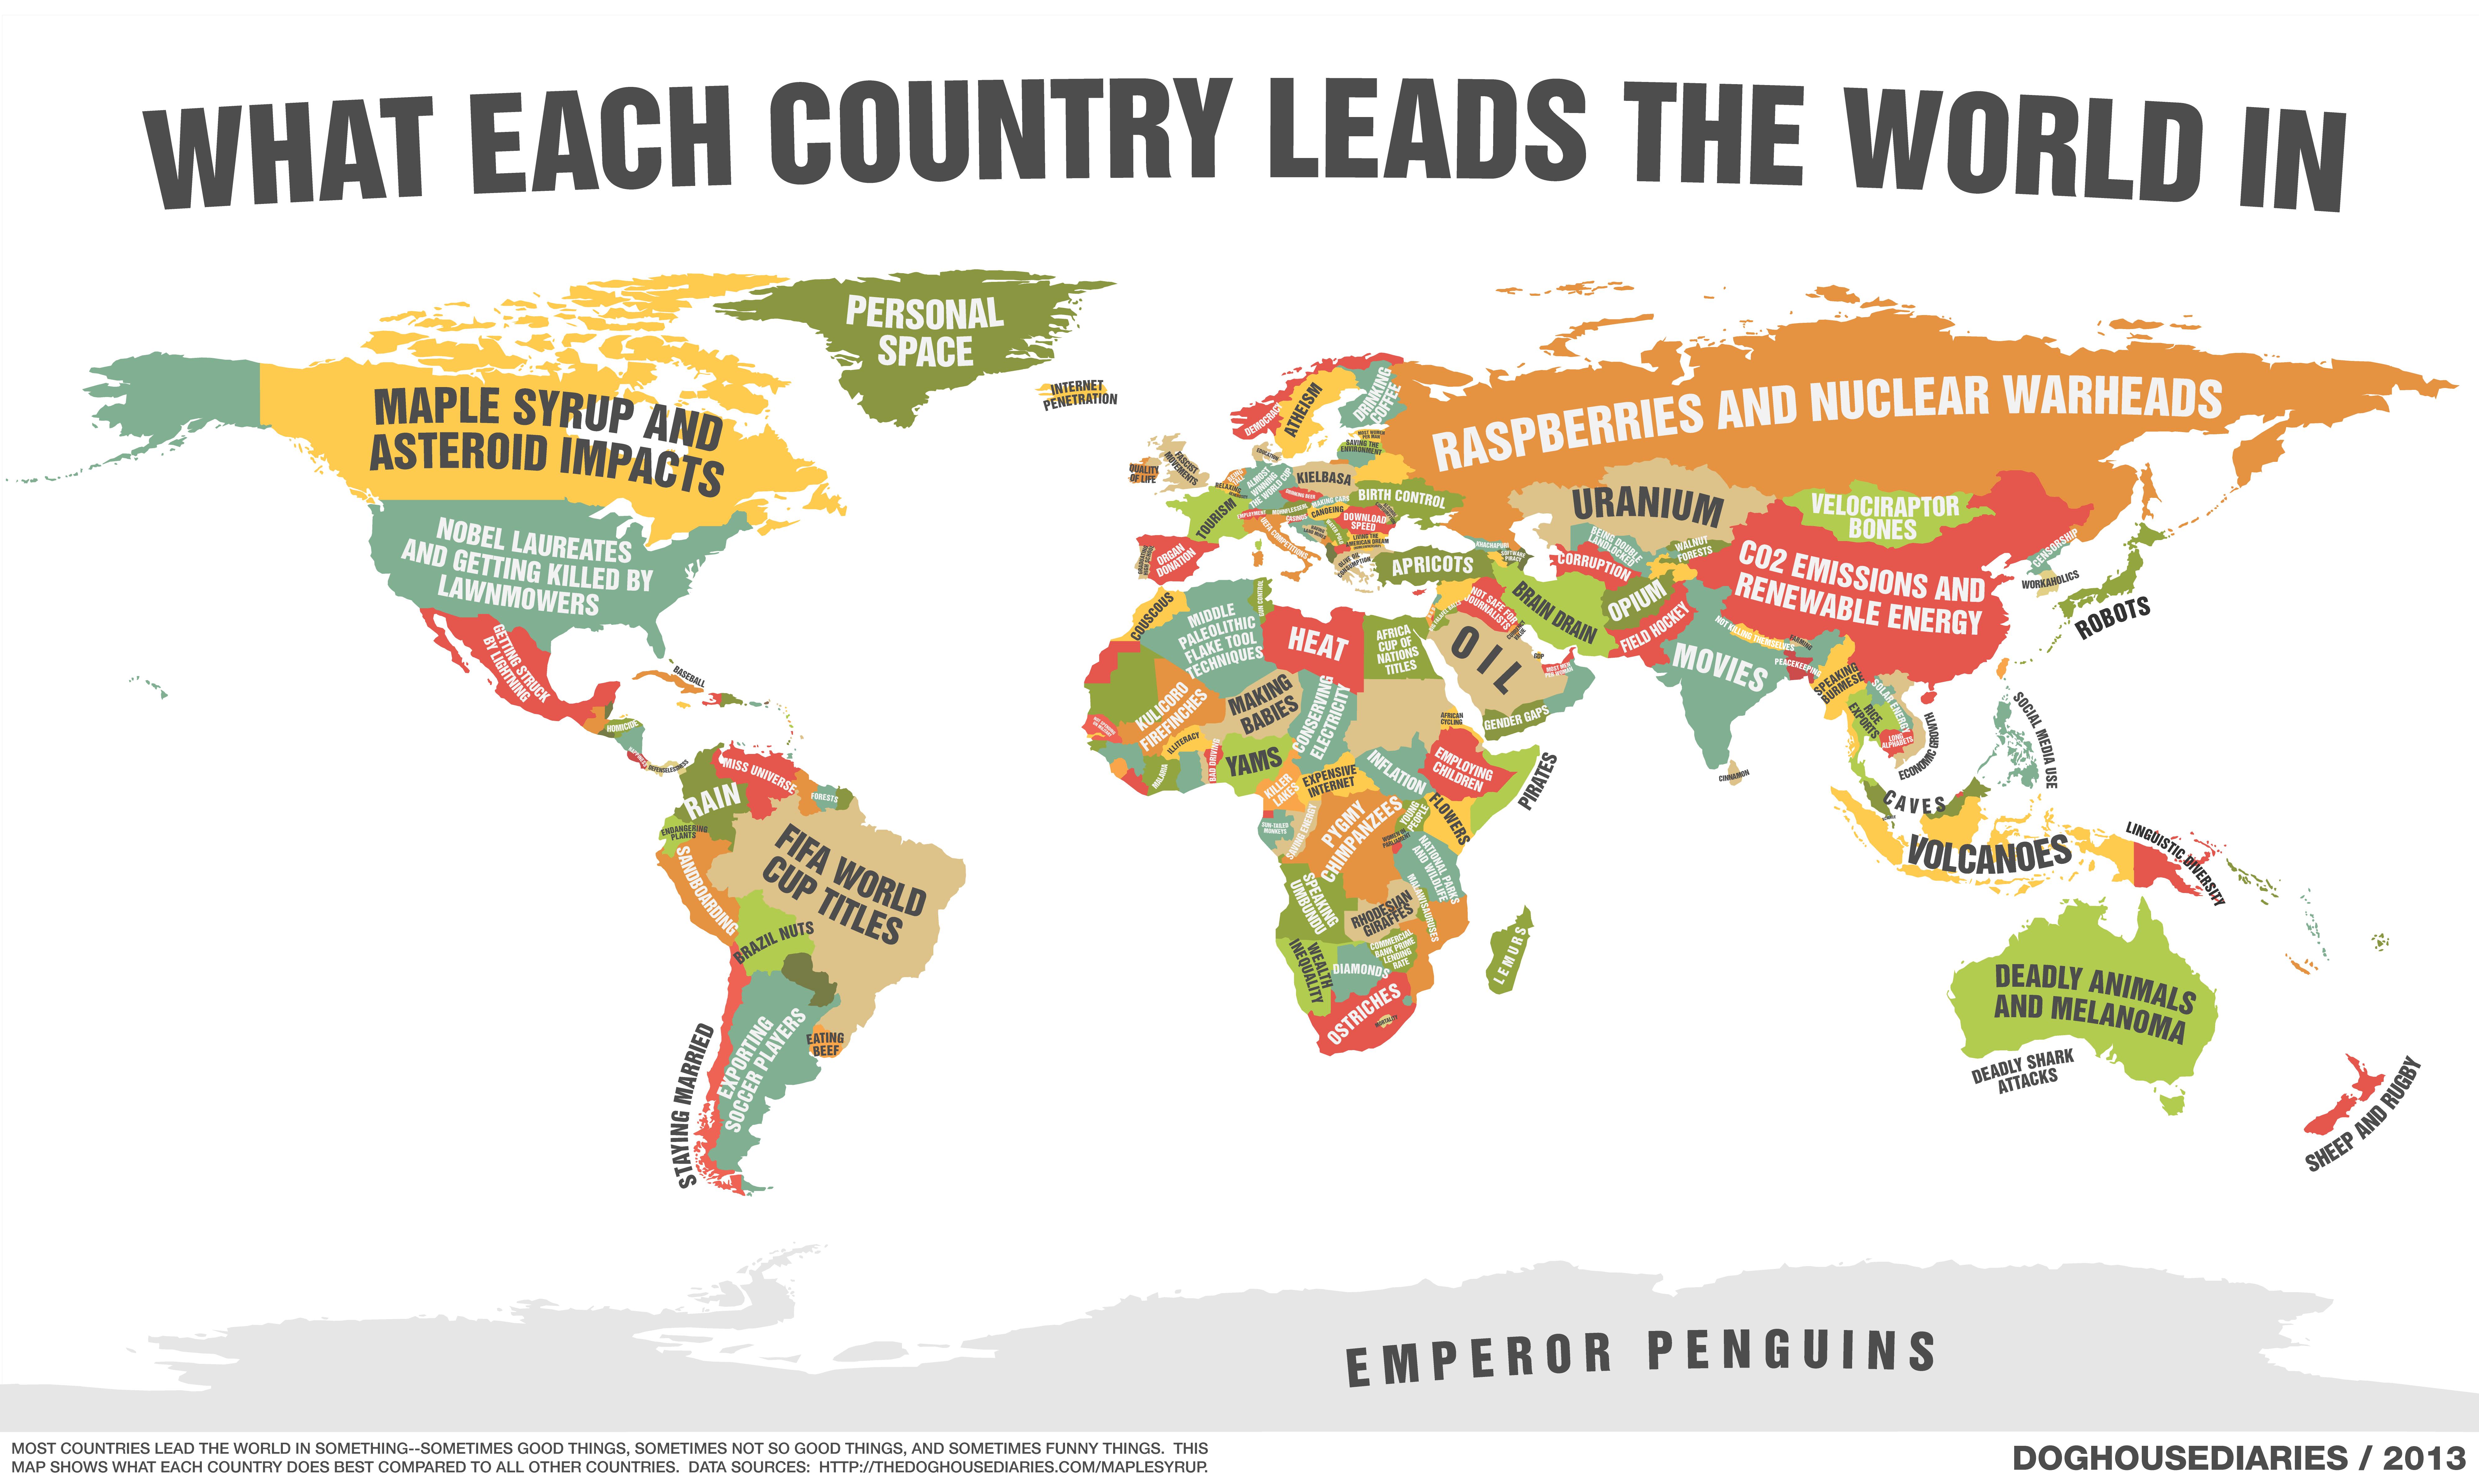 Welches Land ist worin Weltmarktführer [Comic]